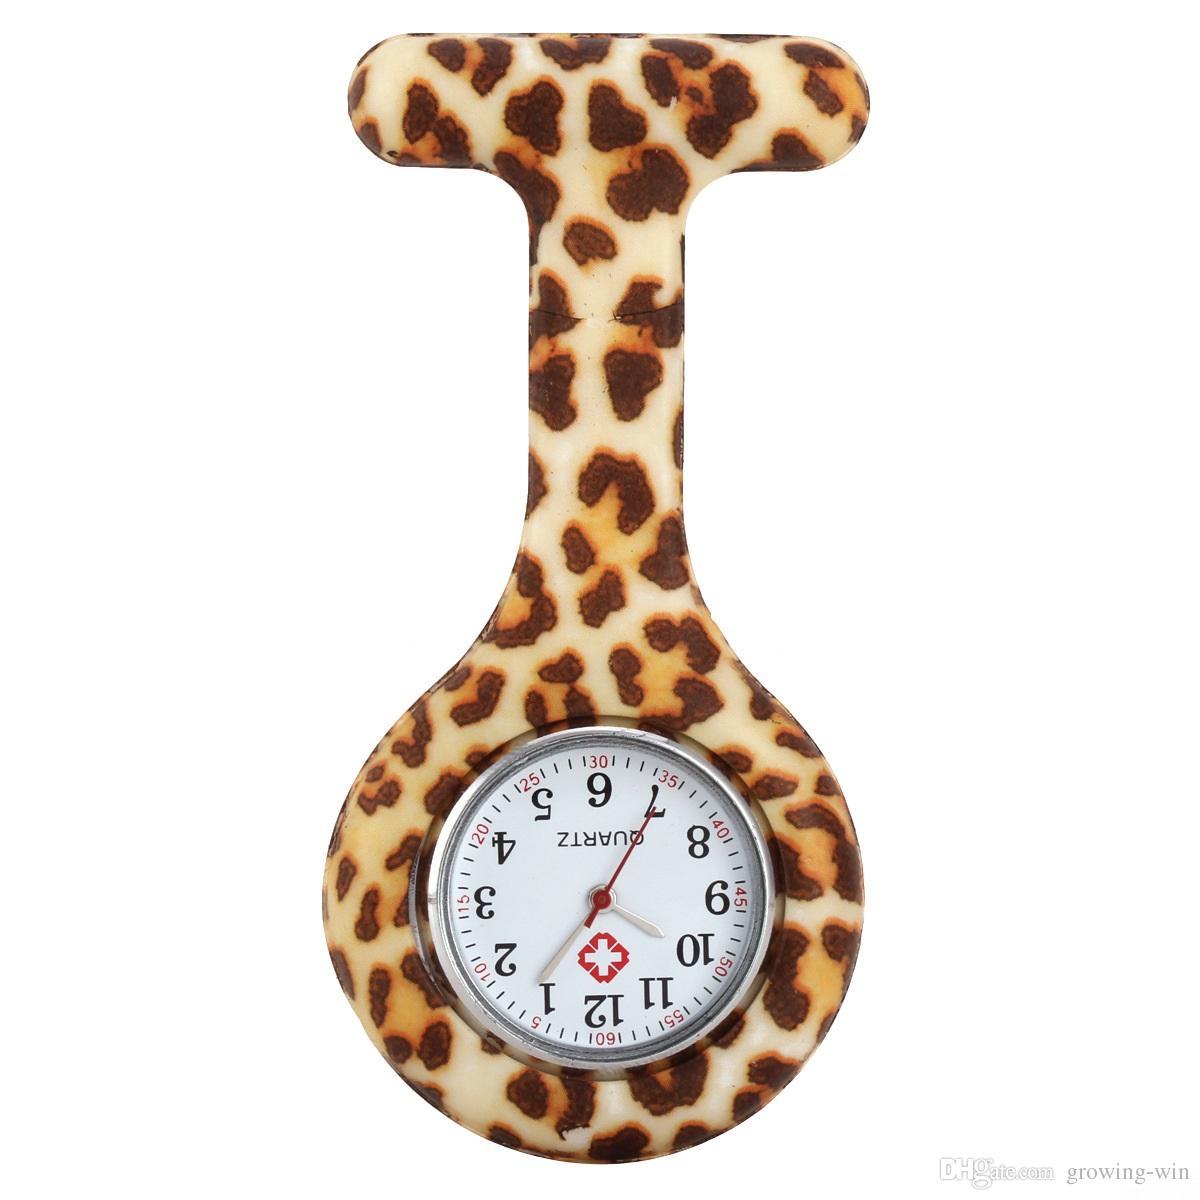 Großhandel Fashion Unisex runde Krankenschwester-Doktor Pin Dame Silikon-Gummi-Tarnung Quarz Zebra-Leopard-Blume Taschen Süßigkeiten Uhren